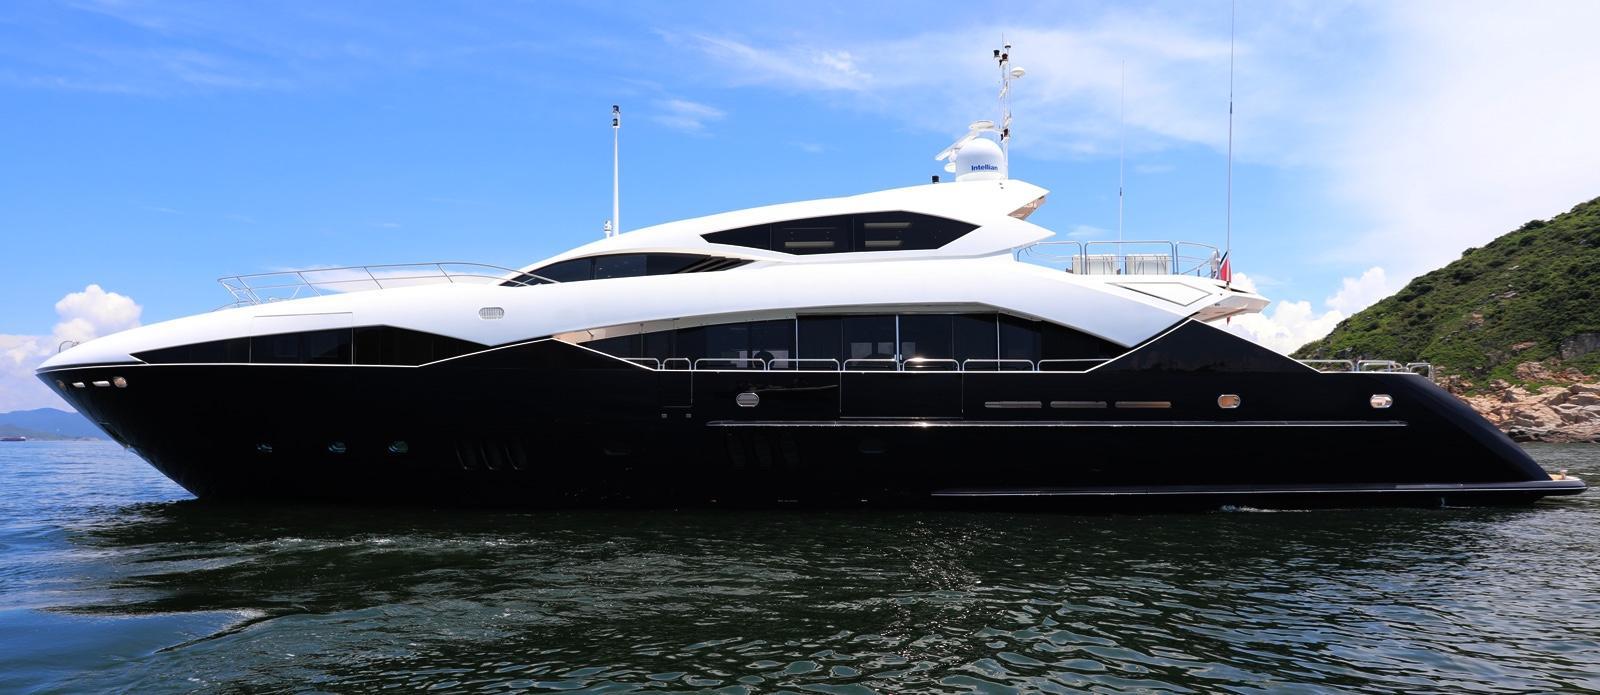 2011 Sunseeker Predator 130 Power Boat For Sale Www